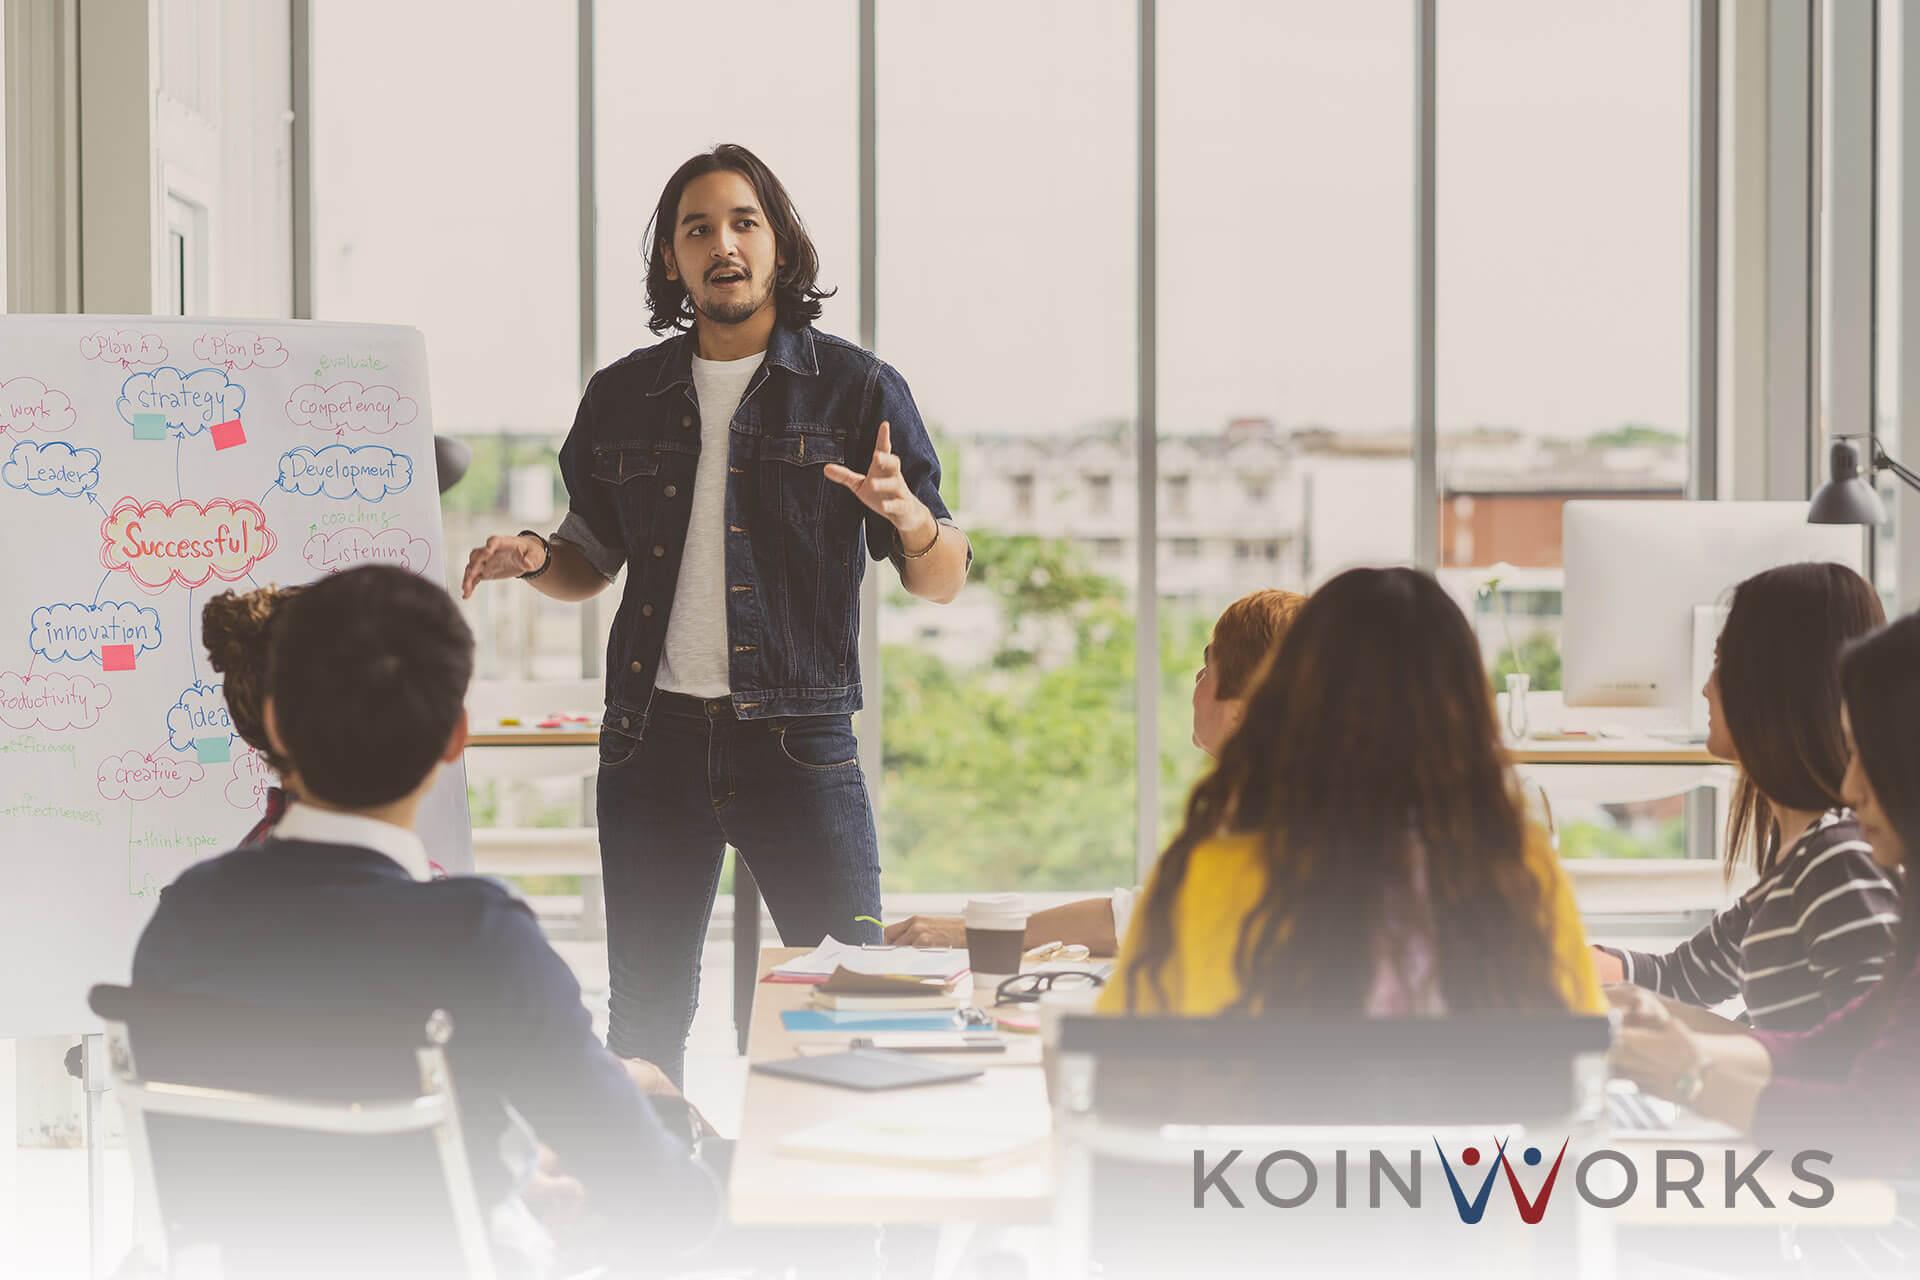 5 Cara Menggunakan Gestur Tangan Saat Sedang Presentasi, Ini Cara Memulainya! (5) - 5 Alasan Introvert Bisa Menjadi Pemimpin Bisnis yang Luar Biasa